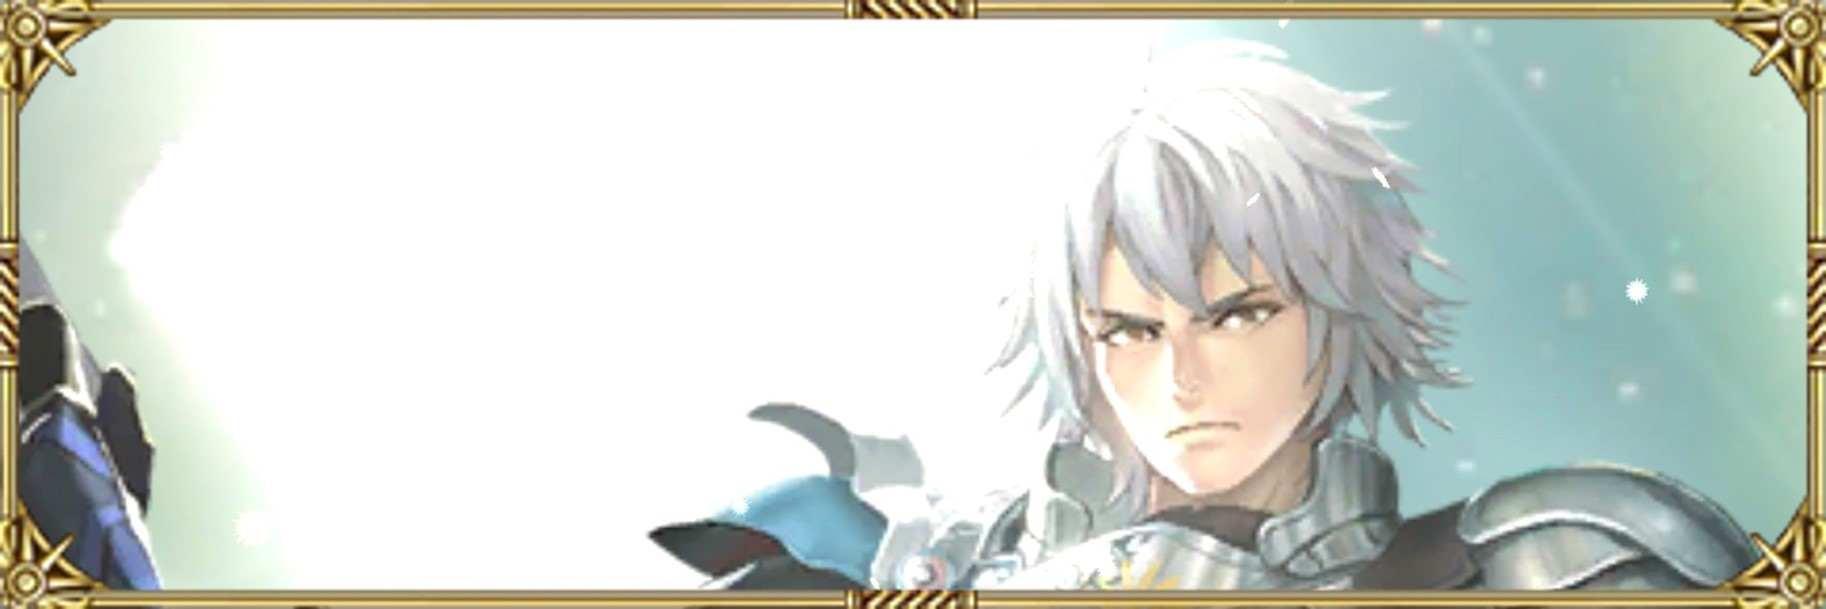 白銀の皇帝(SS/UDX)の最新評価とおすすめ覚醒